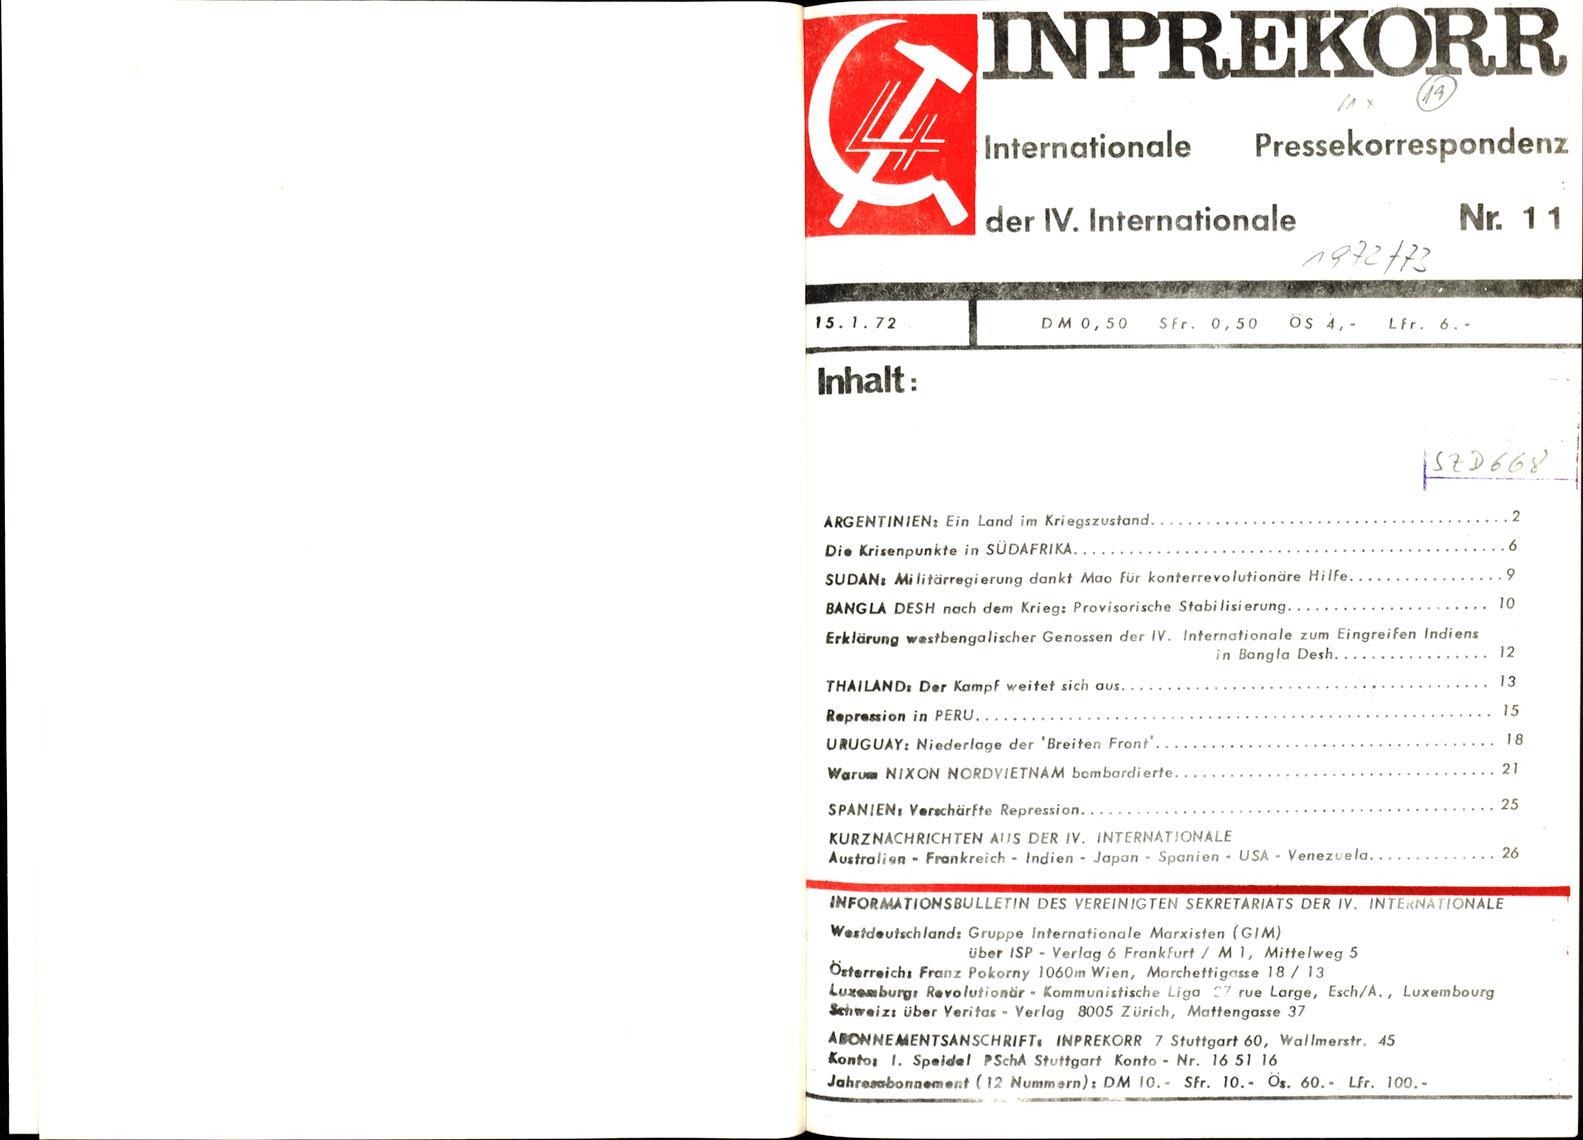 Inprekorr_19720115_011_001